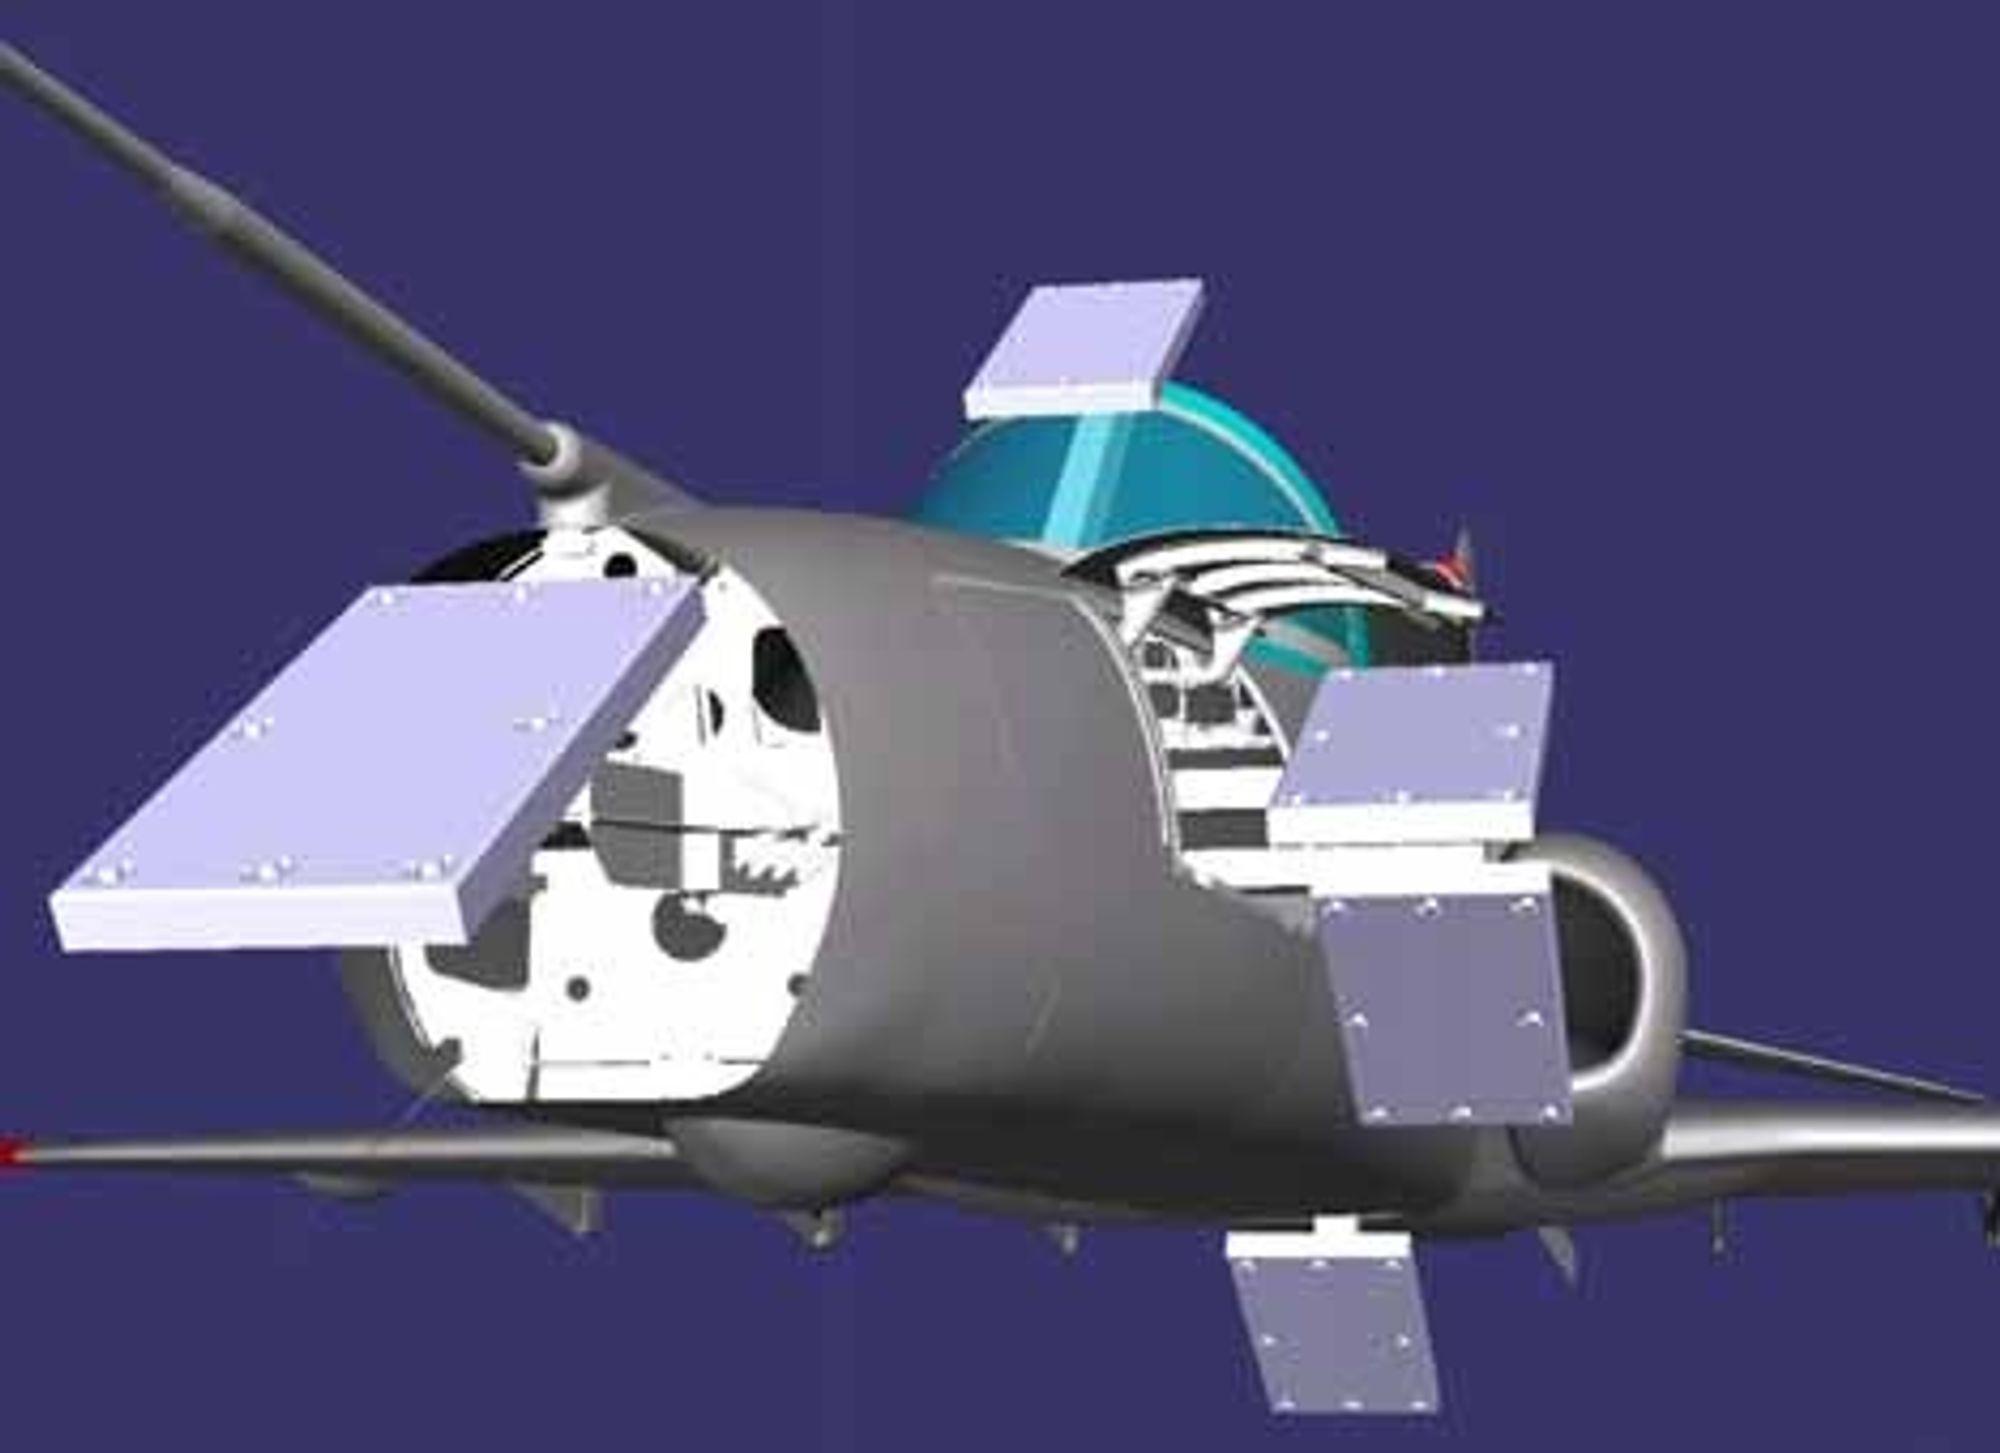 NORSK SUKSESS: Innmålingssystemet Harmolign er utviklet i Bærum og tas nå i bruk av samtlige verksteder som vedlikeholder det britiske trenings/kampflyet Hawk. ILLUSTRASJON: METRONOR